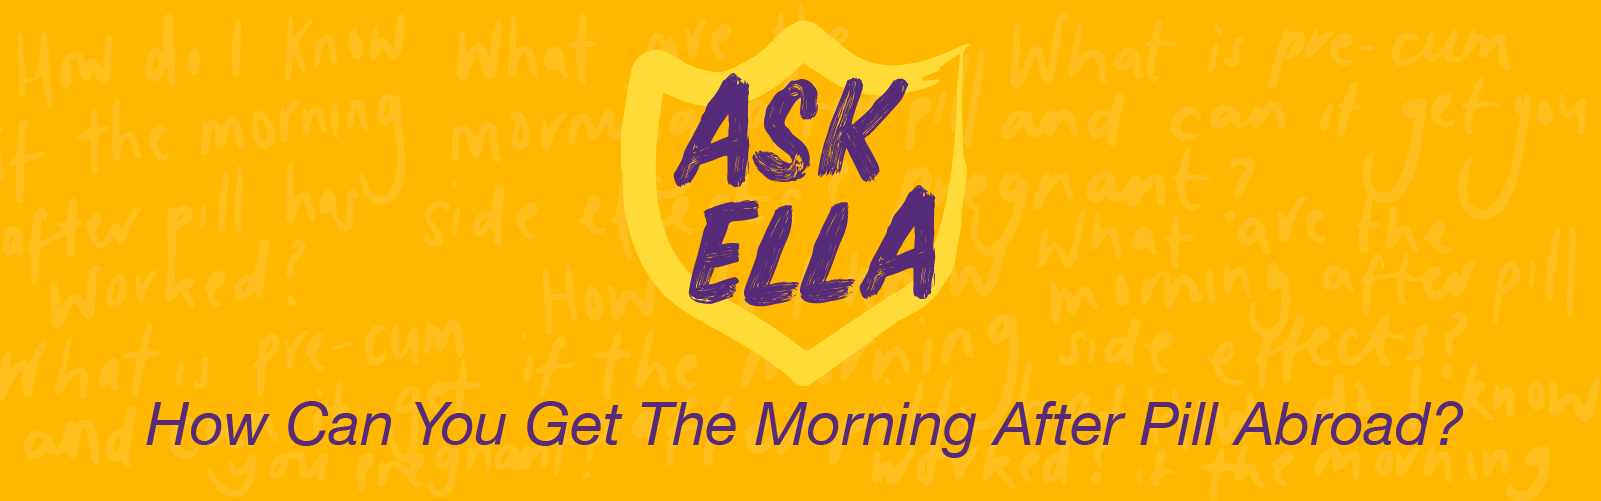 AskElla_Blog_10.png